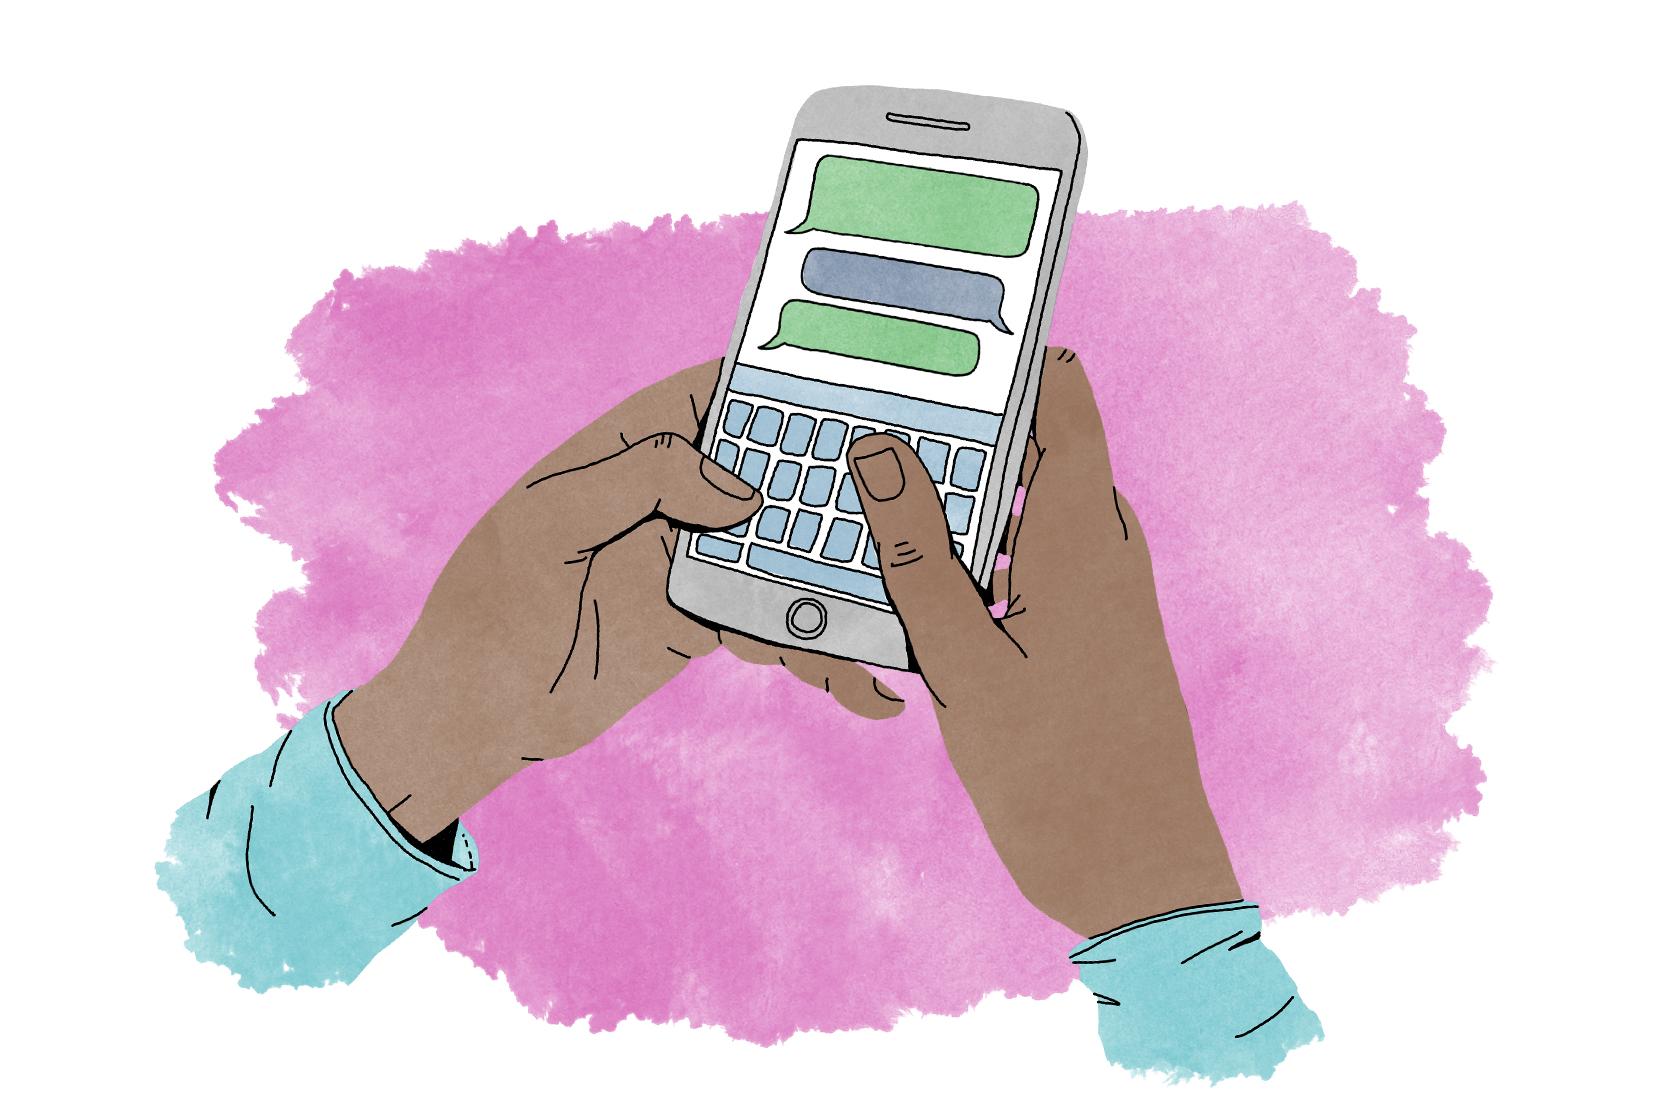 Två händer håller i en mobil, och skriver meddelanden.